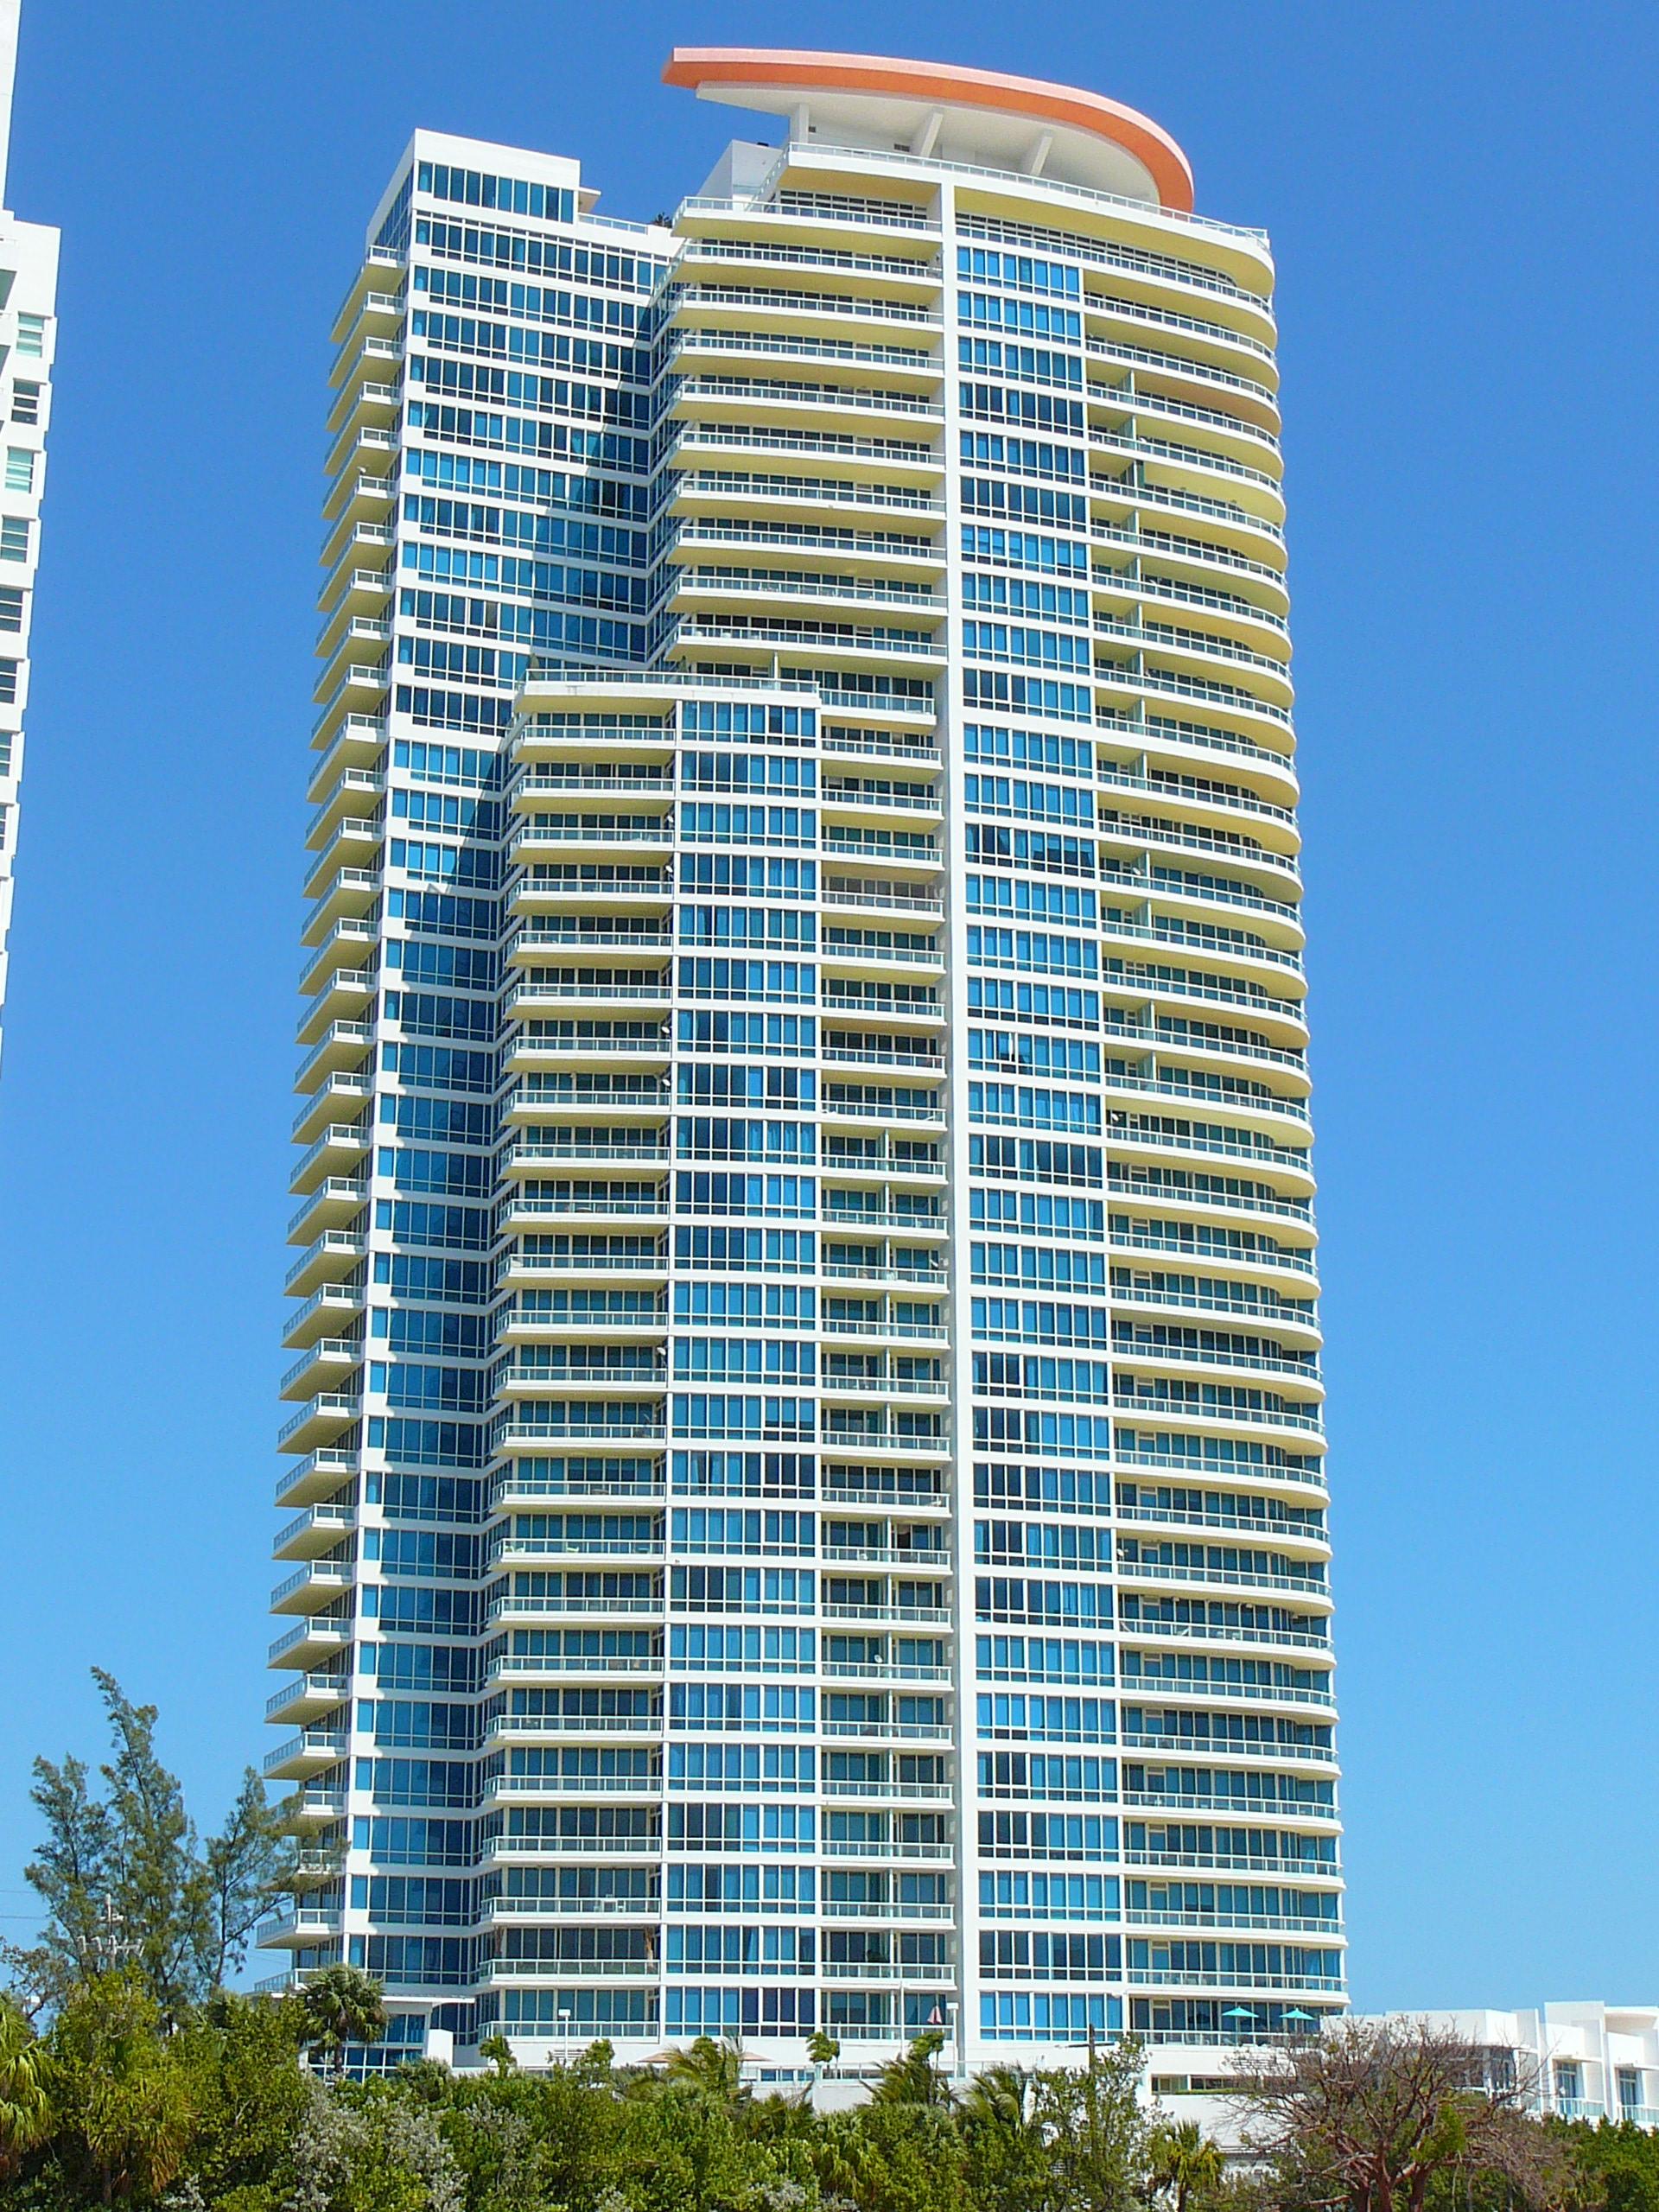 Continuum On South Beach Wikipédia